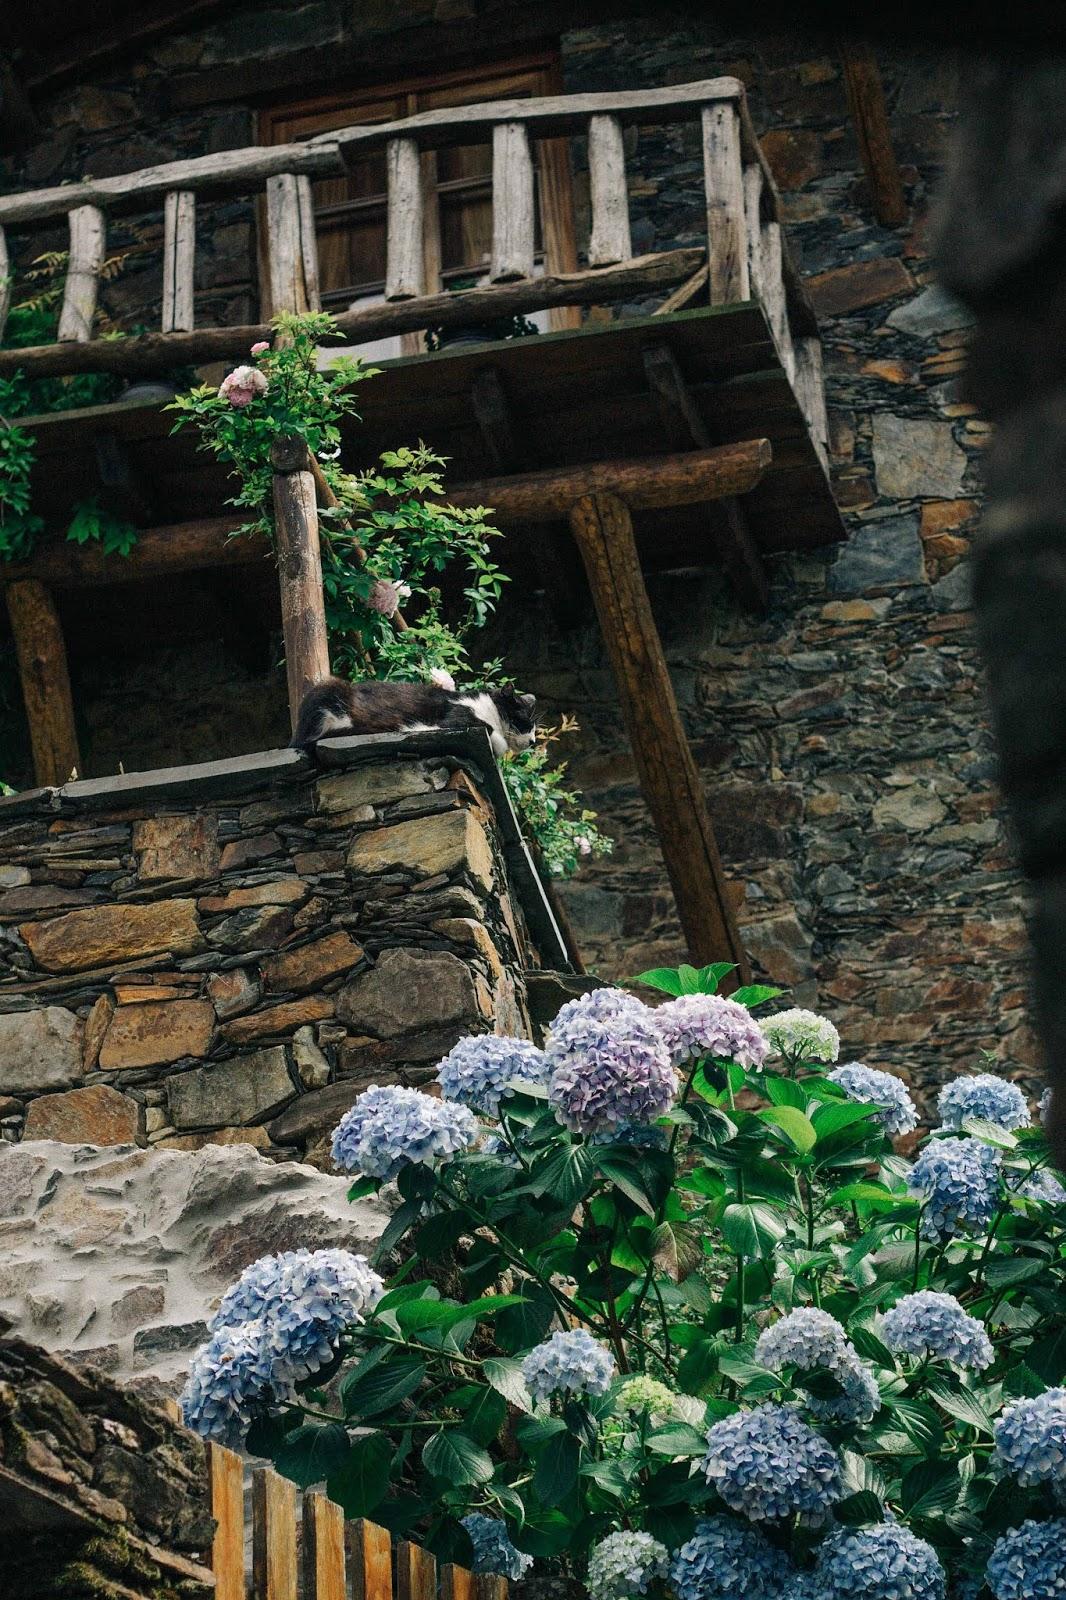 No dia 6 de julho fomos até à Serra da Lousã com o objetivo de explorar os caminhos pedestres, algumas das aldeias de xisto, estar em contacto com a natureza e, no fundo, conhecer a zona (que até então era para nós desconhecida). Este post está longe de ser um guia de viagem, nem foi planeado como tal — o intuito inicial era partilhar o meu novo vestido de verão, mas gostei tanto das fotografias que tirámos, que me pareceu um bom pretexto para falar da experiência.